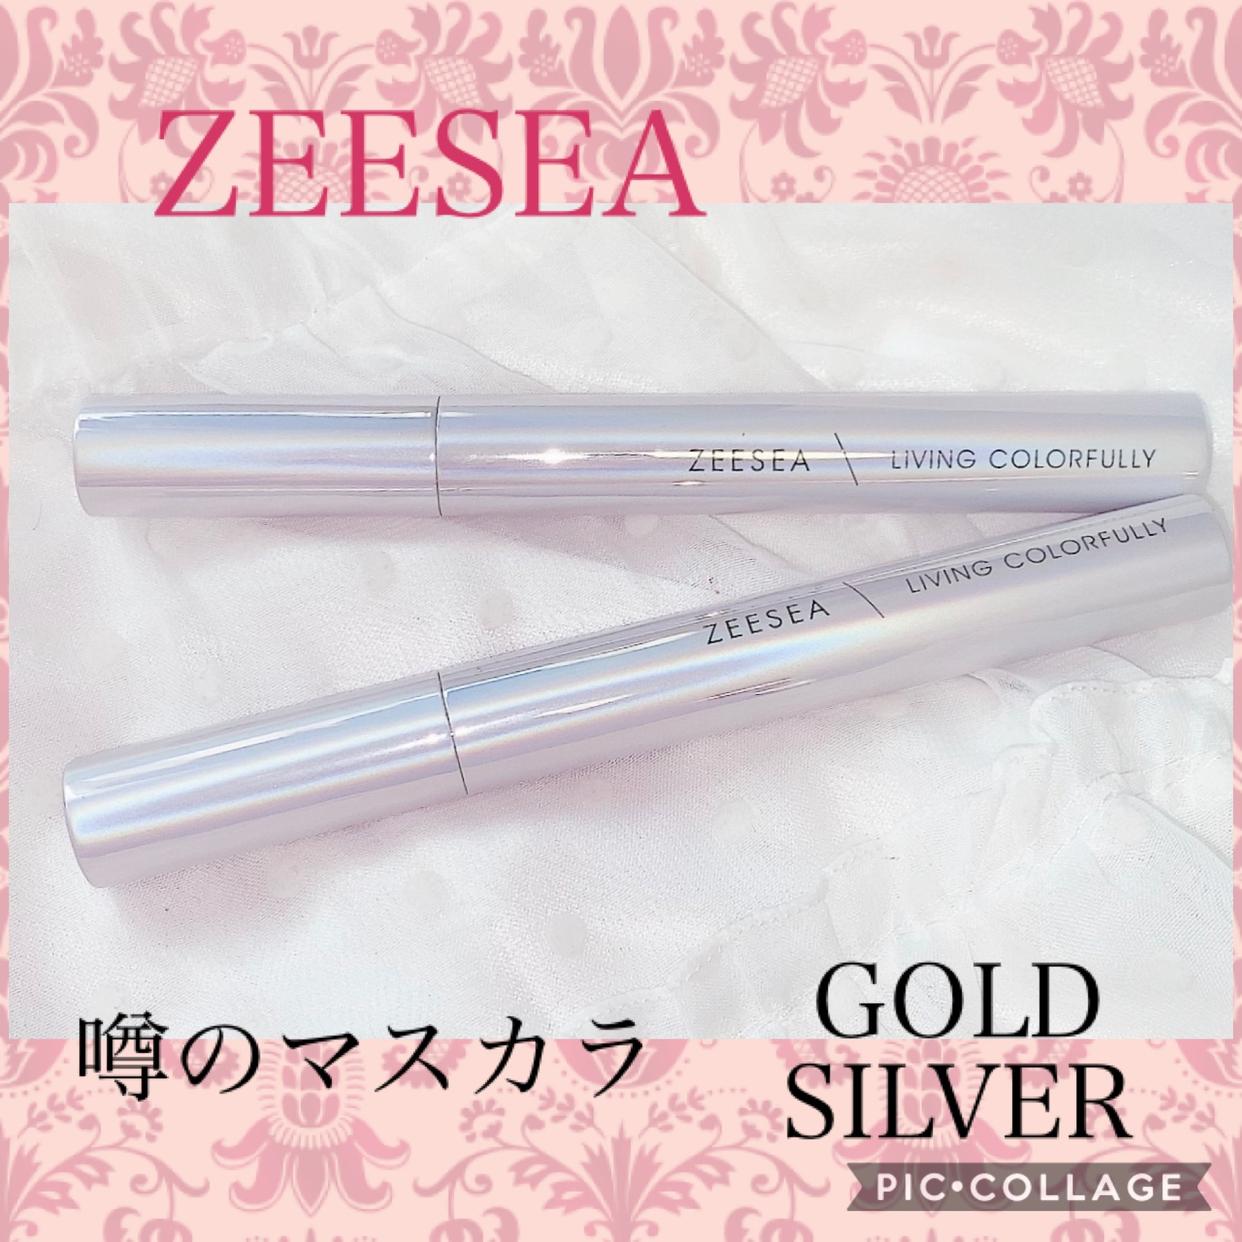 ZEESEA(ズーシー) ダイヤモンドシリーズ カラーマスカラを使った珈琲豆♡さんのクチコミ画像